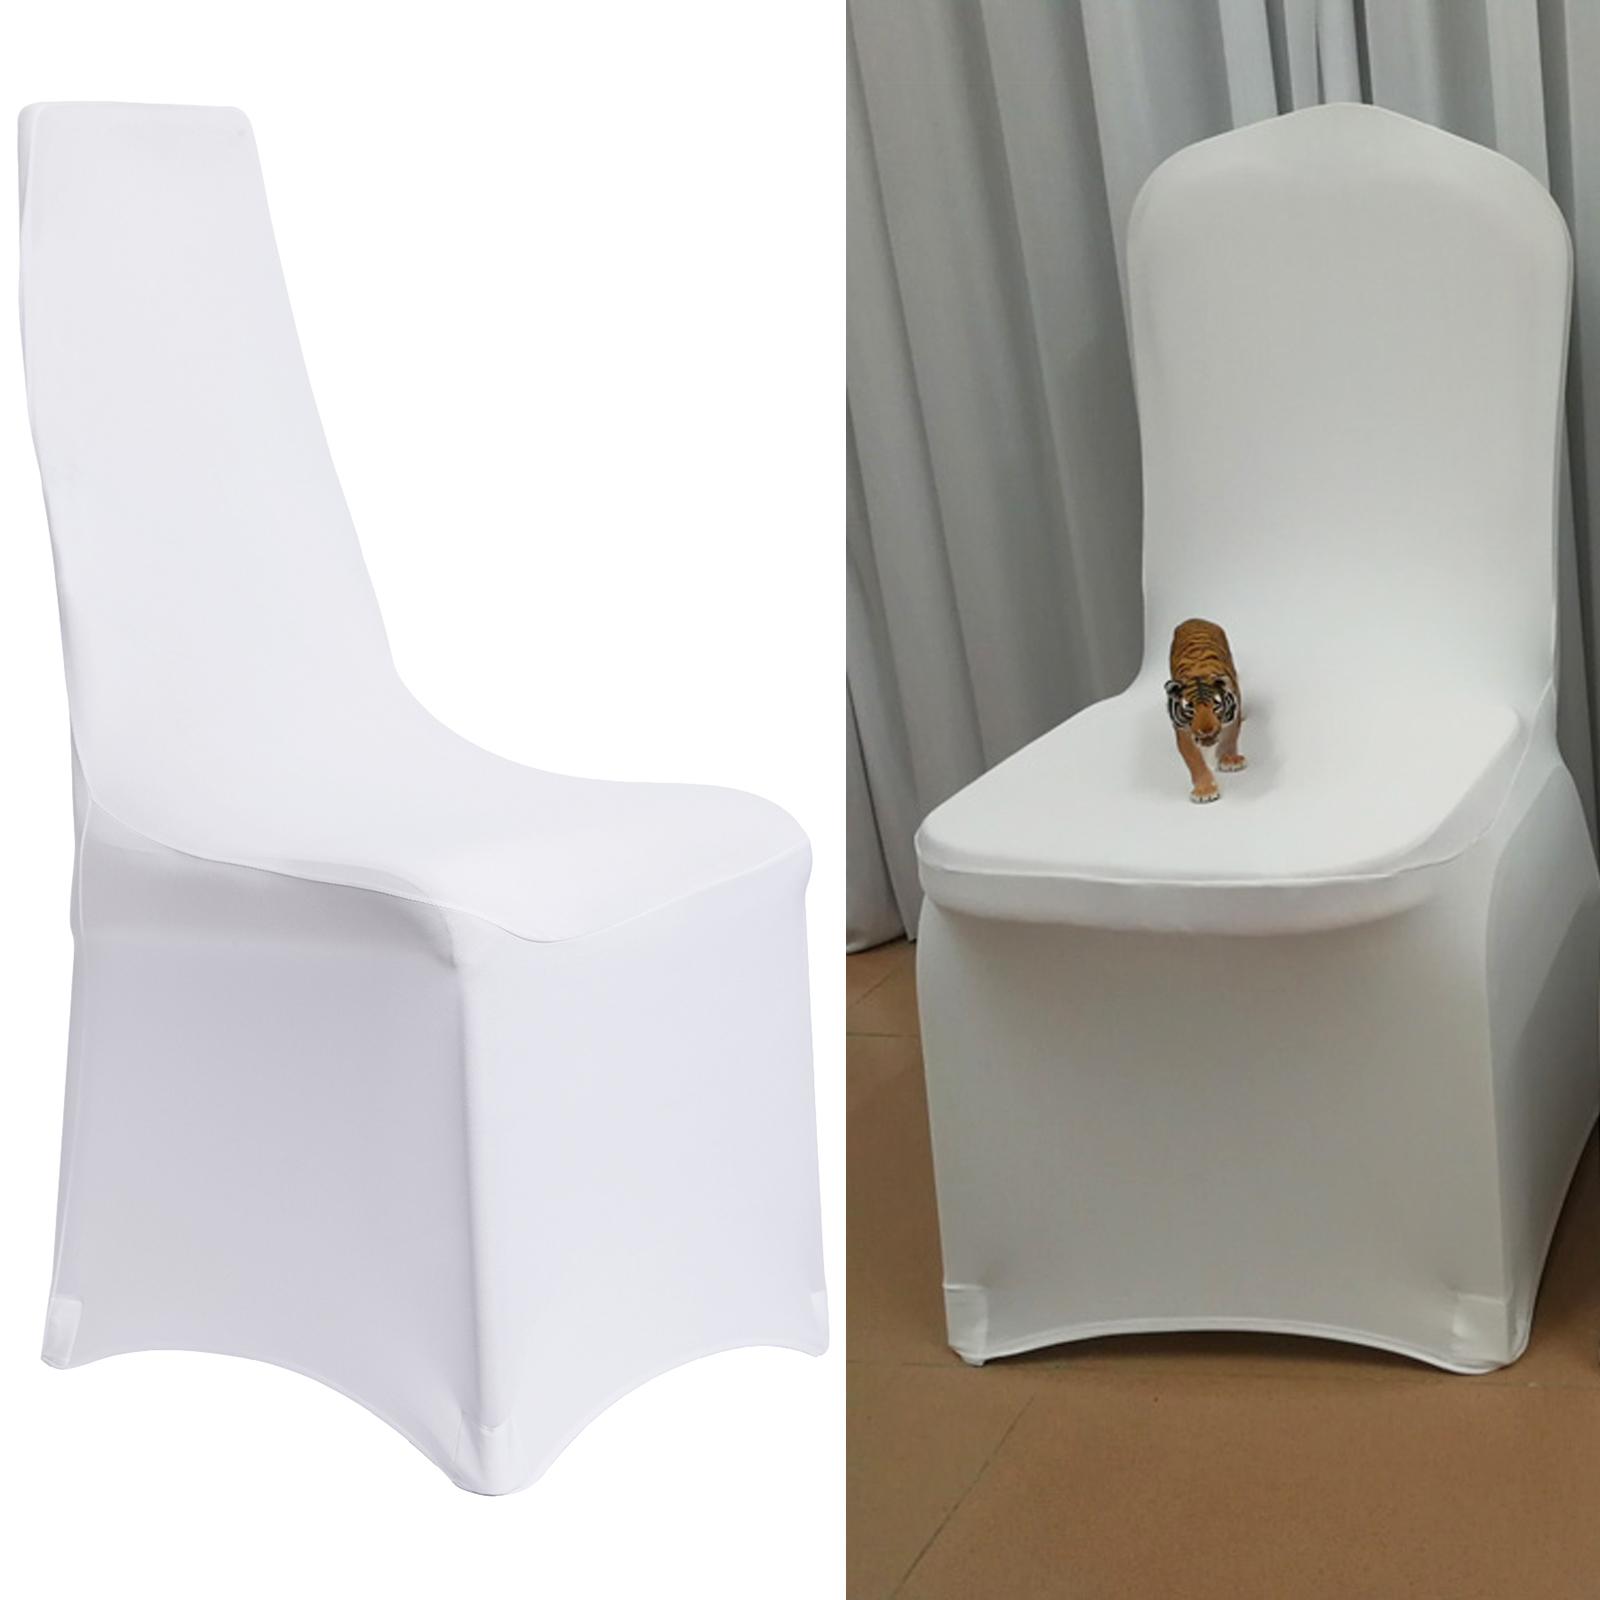 1 50er stuhlhussen stuhl berzug stuhl berwurf hochzeit restaurant hochzeit weiss ebay. Black Bedroom Furniture Sets. Home Design Ideas